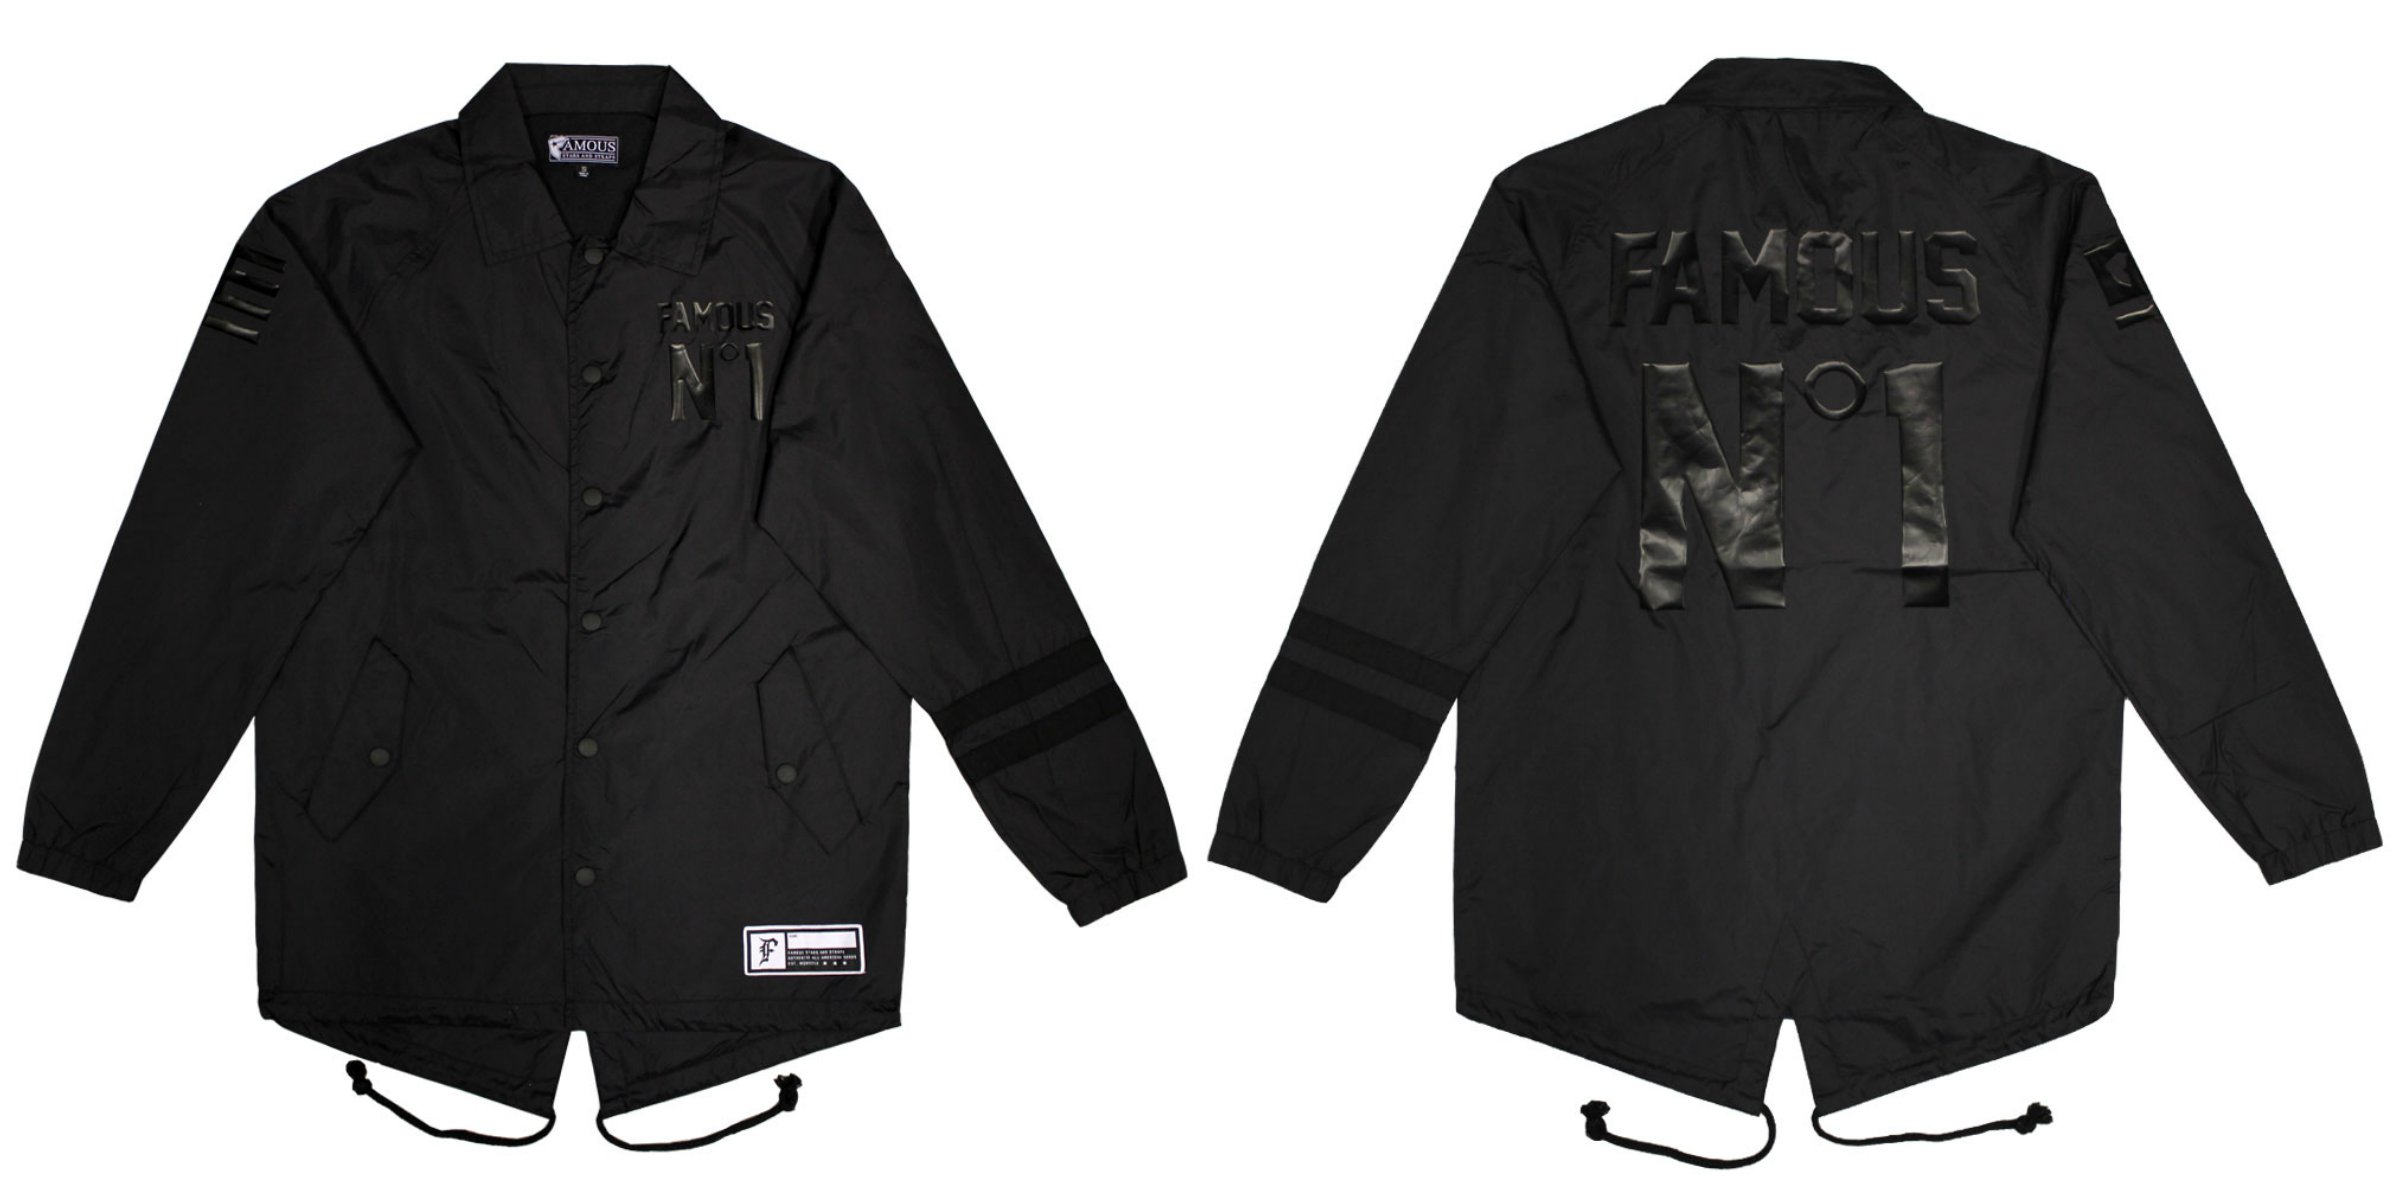 Famous Stars & Straps Public Enemy Coaches Jacket (Black) £84.90